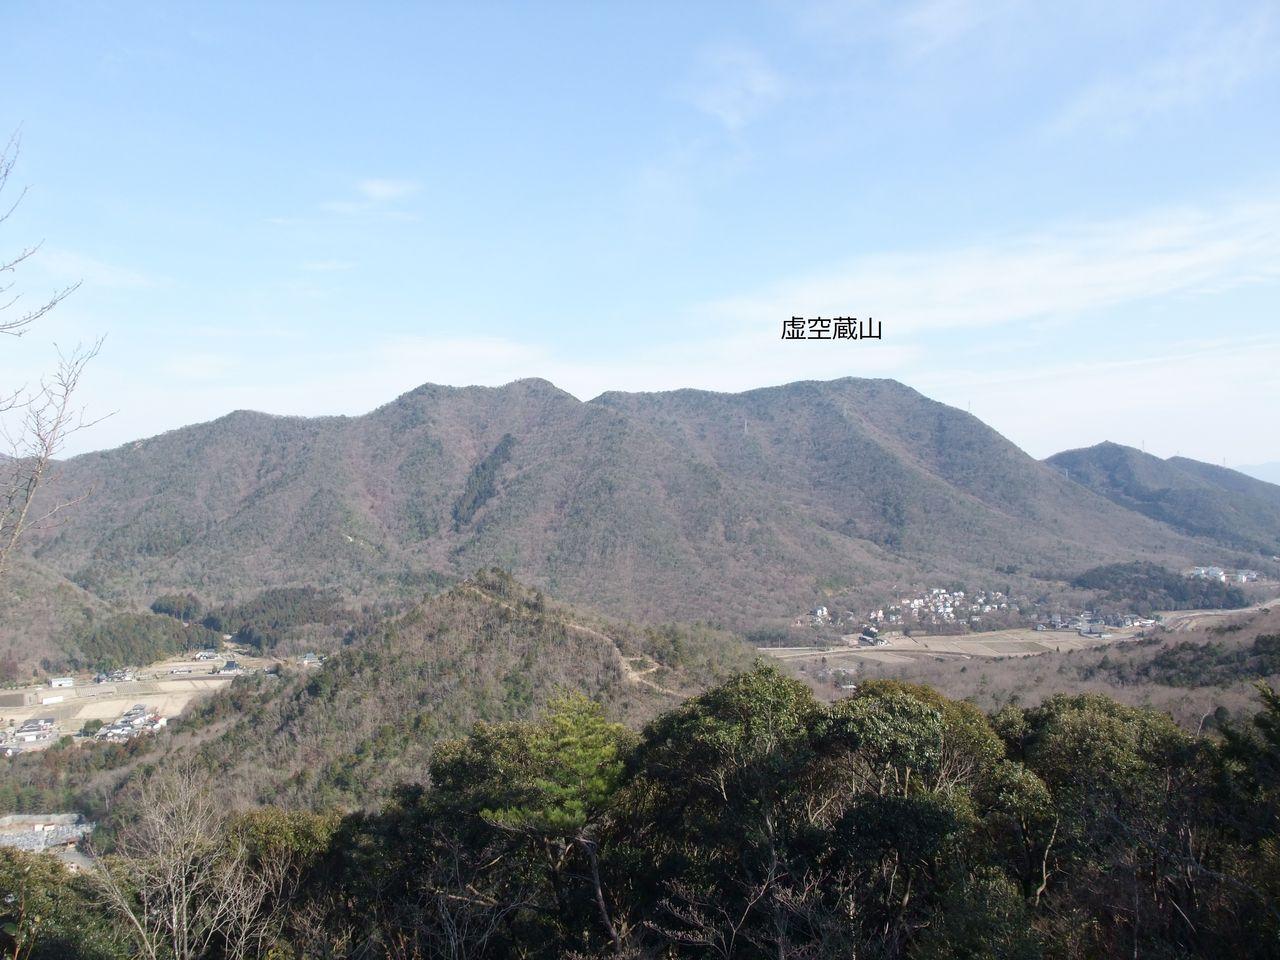 篠山市 今田町 和田寺山 和田谷展望台 虚空蔵山